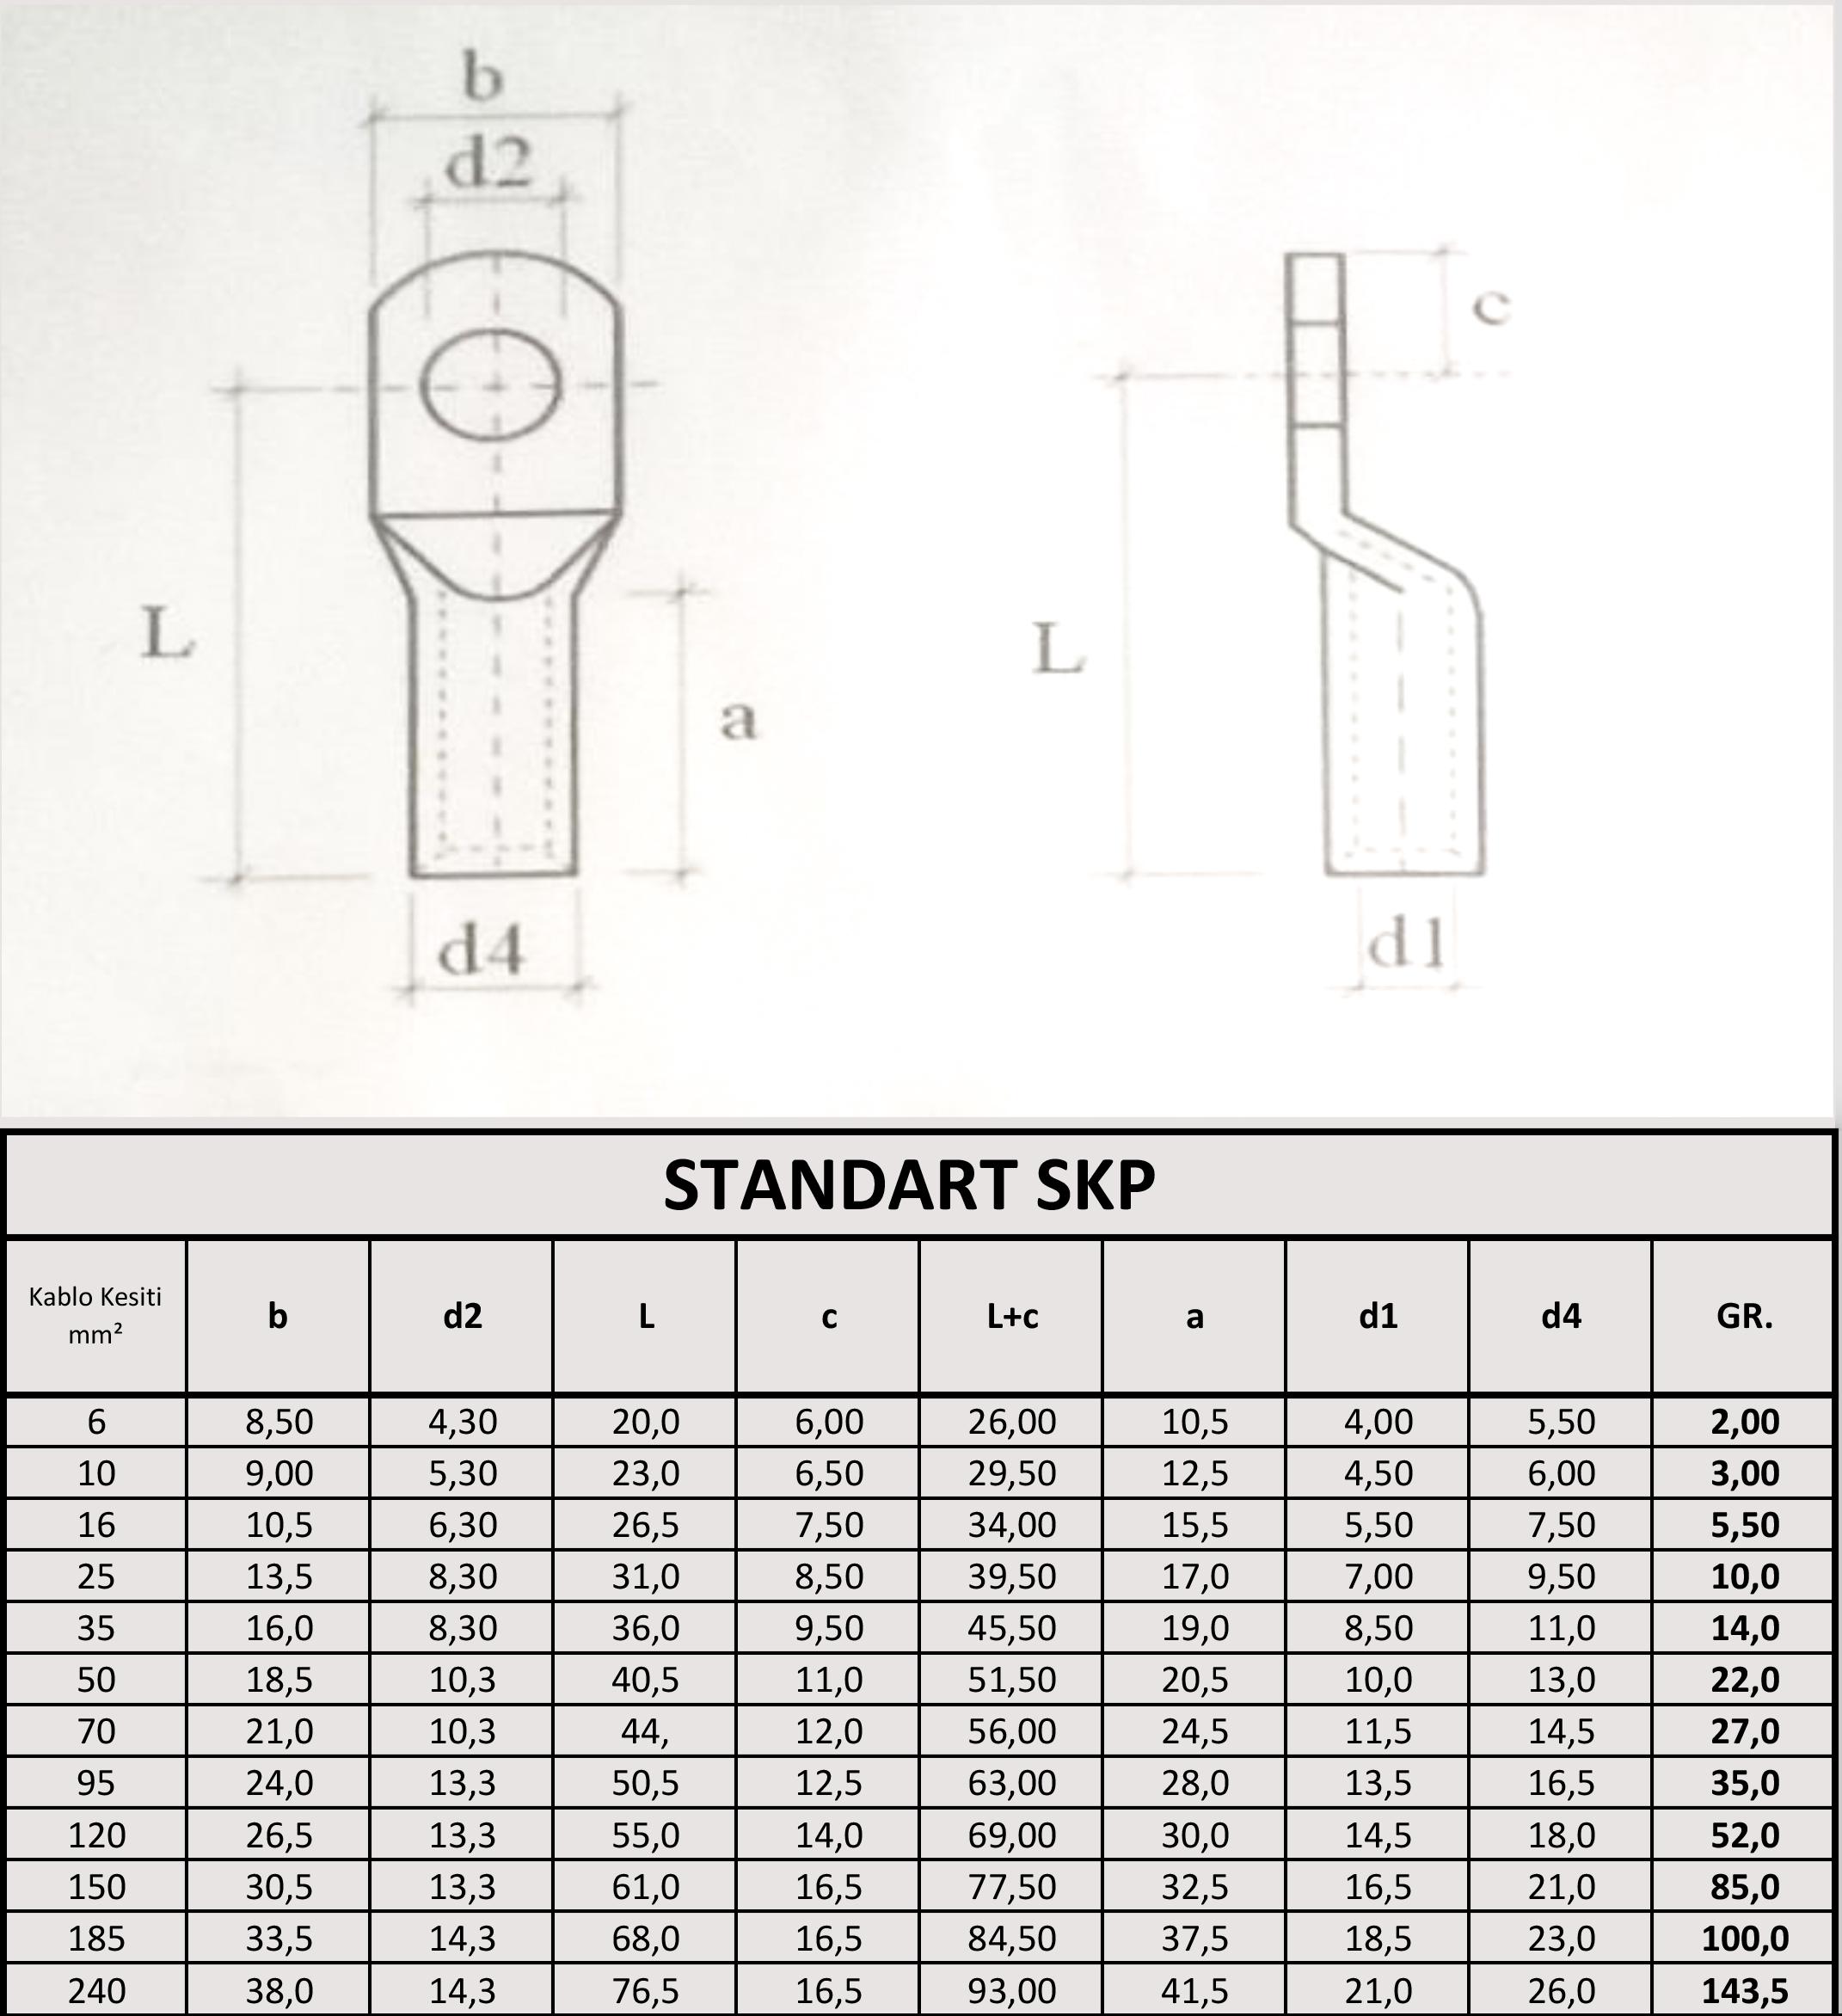 Standart skp ölçüleri